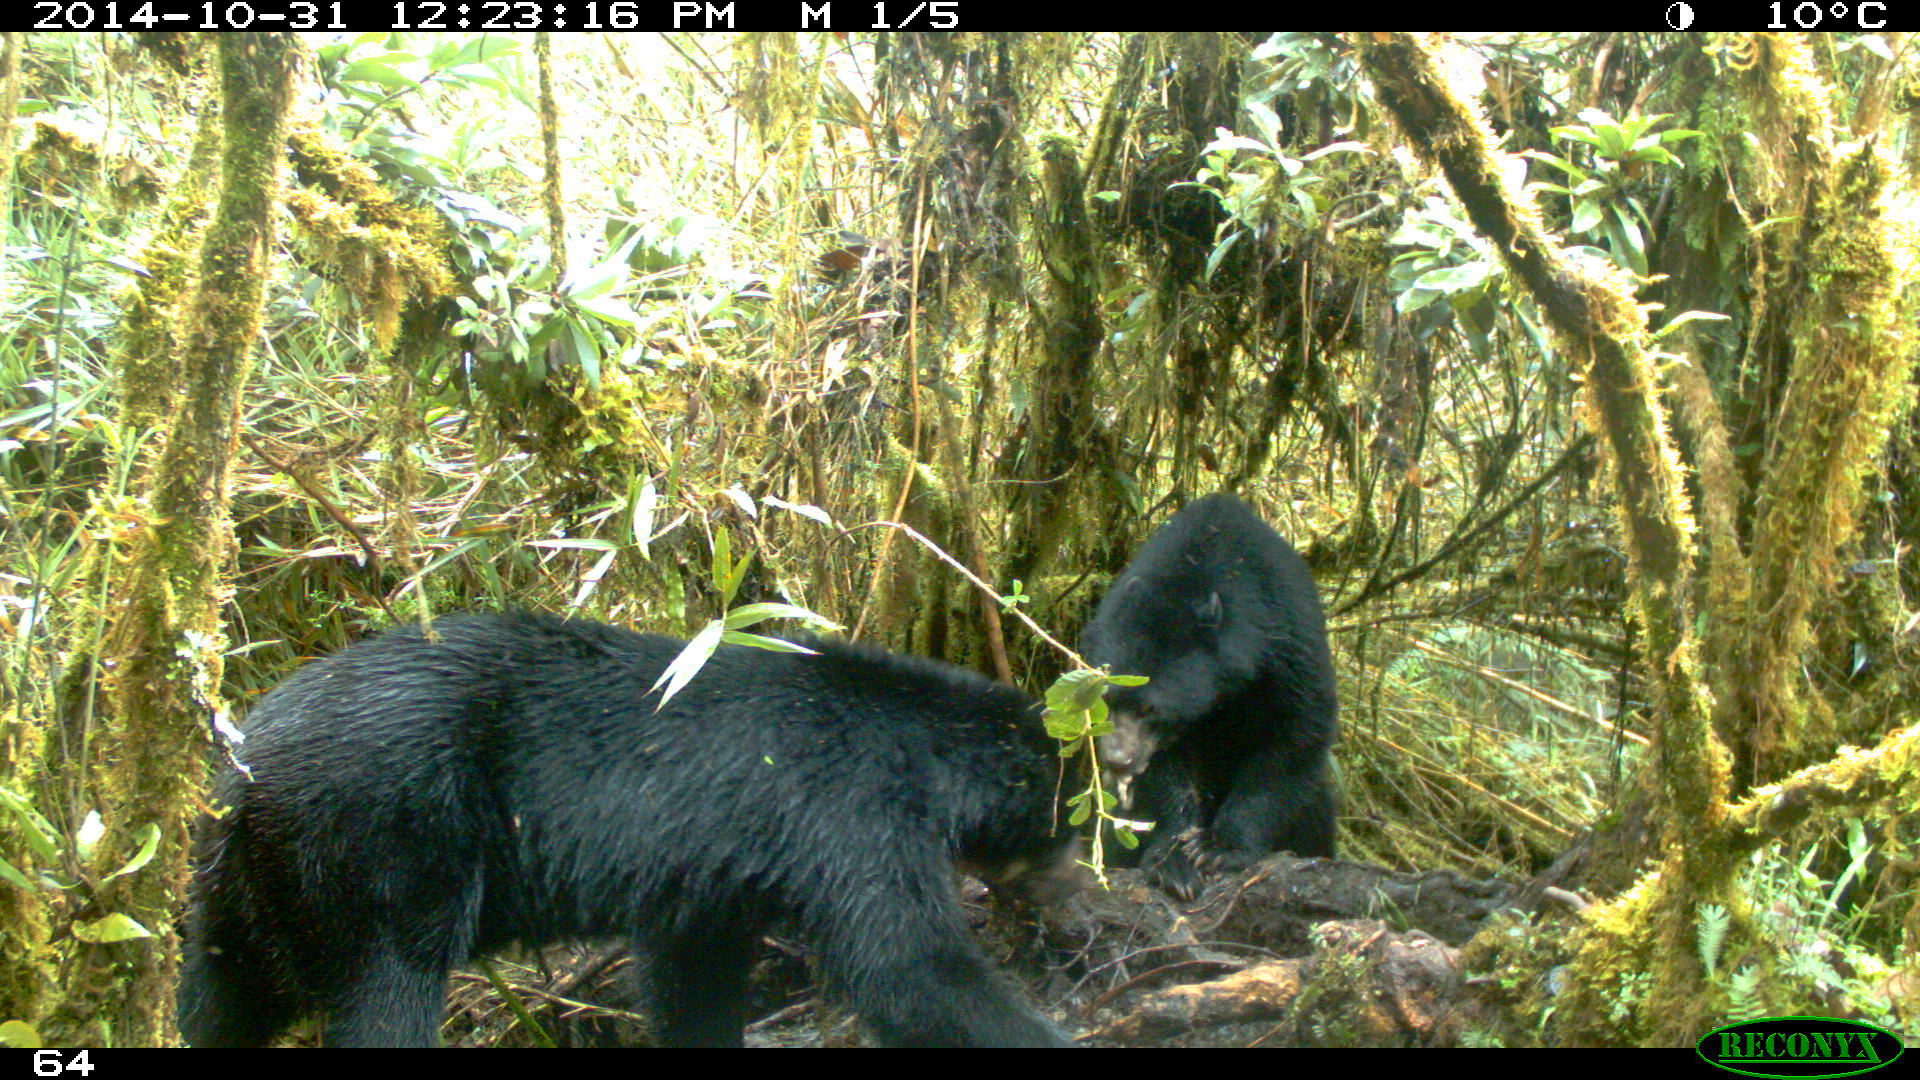 Osos andinos captados por cámara trampa en Parque Nacional Chingaza. Foto: Parques Nacionales Naturales e Colombia y Procat.